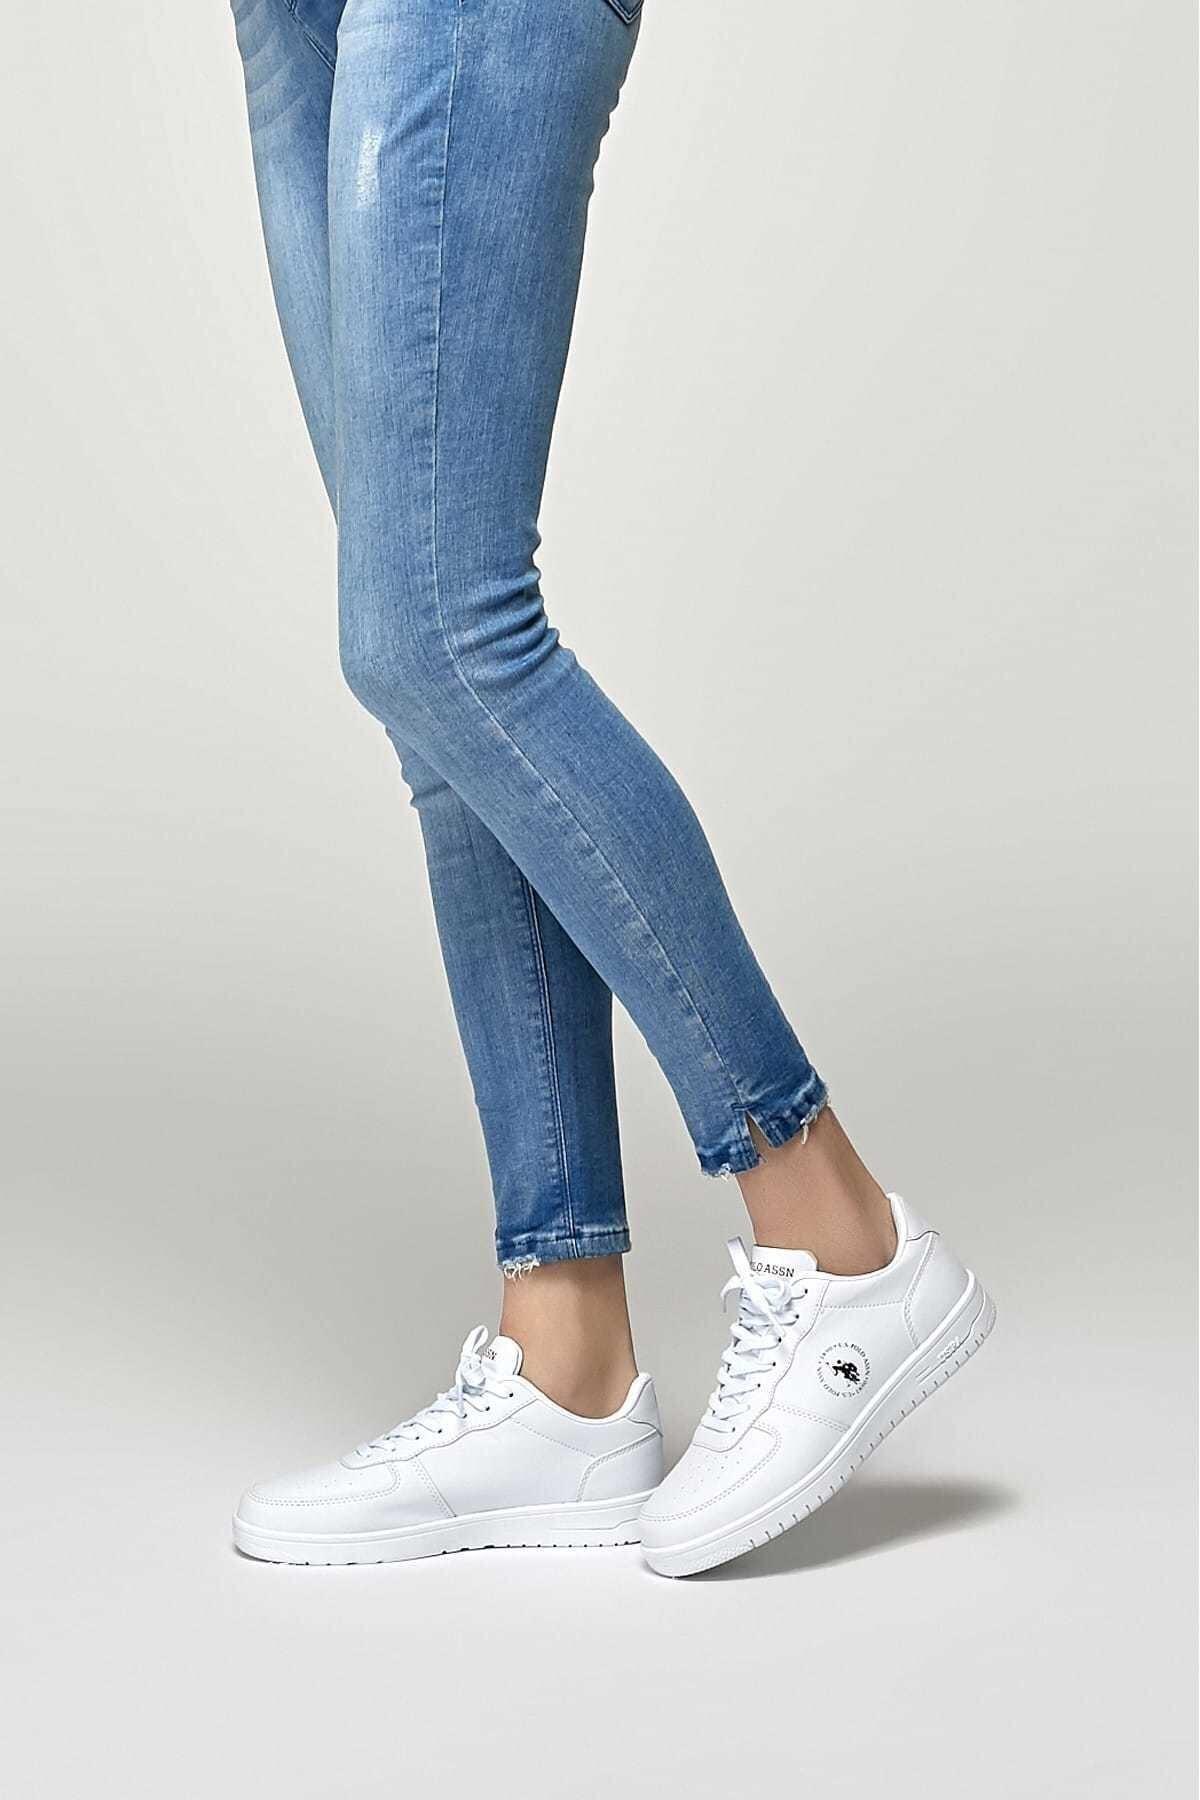 U.S. Polo Assn. Dimler Beyaz Kadın Sneaker Ayakkabı 100325940 1